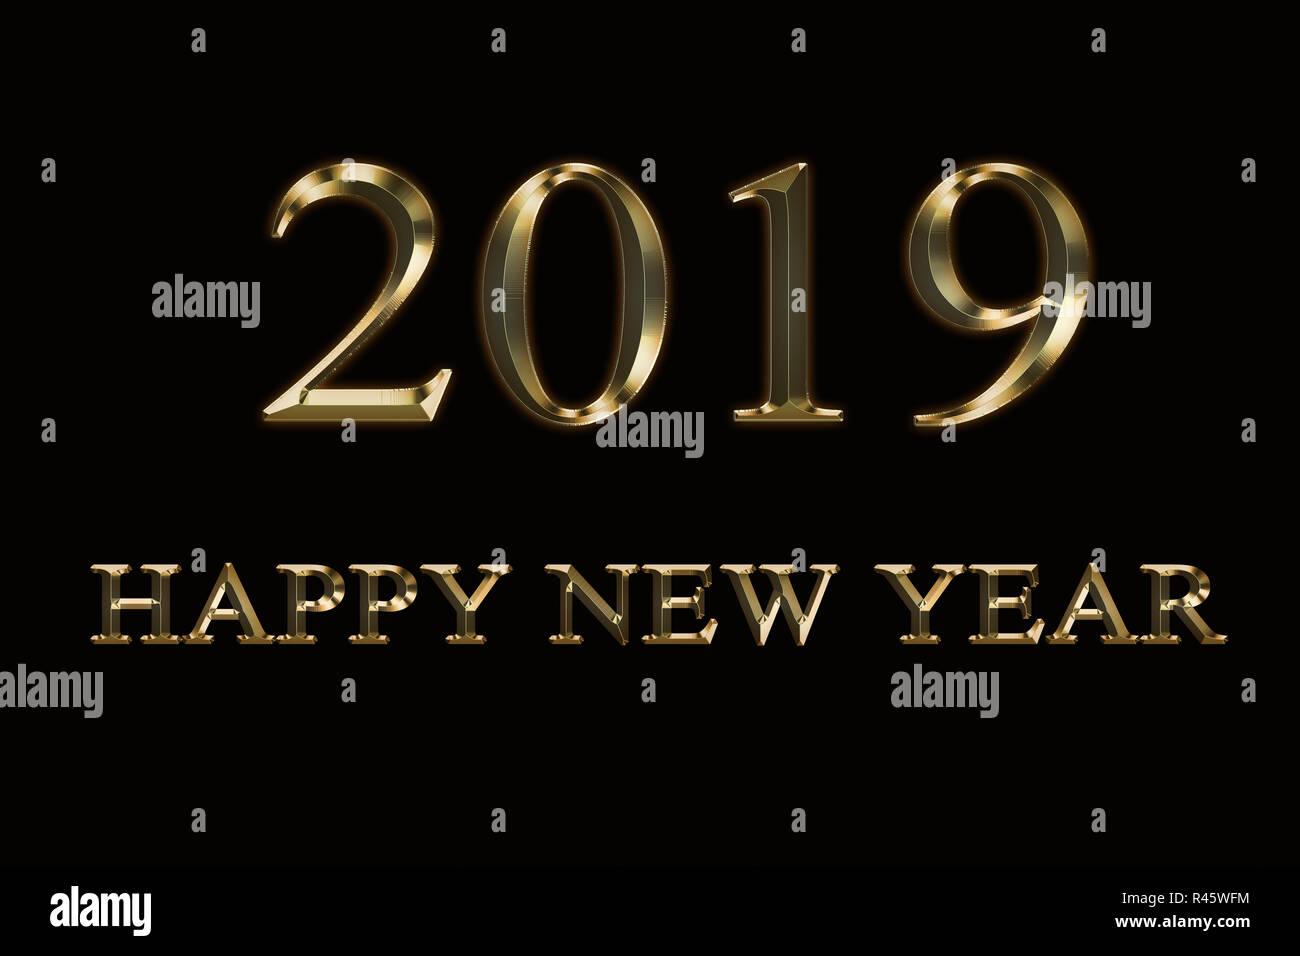 2019 Bonne Année Fond Noir Texte Dor Design Message D